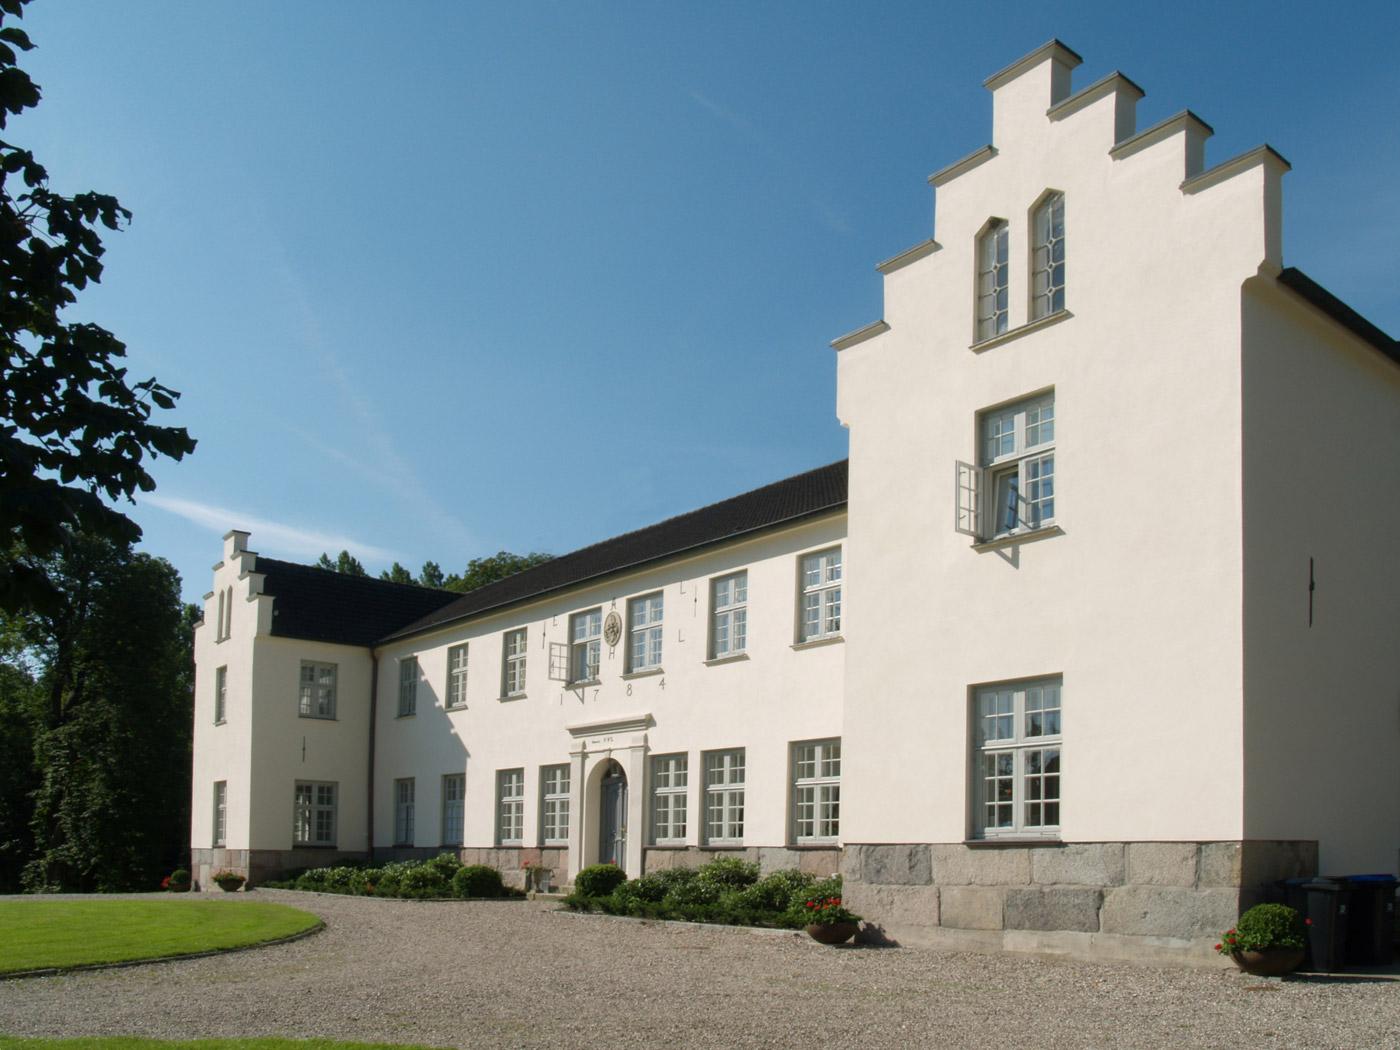 05-04-Umbau-und-Sanierung-Herrenhaus-Gut-Siggen-(1)